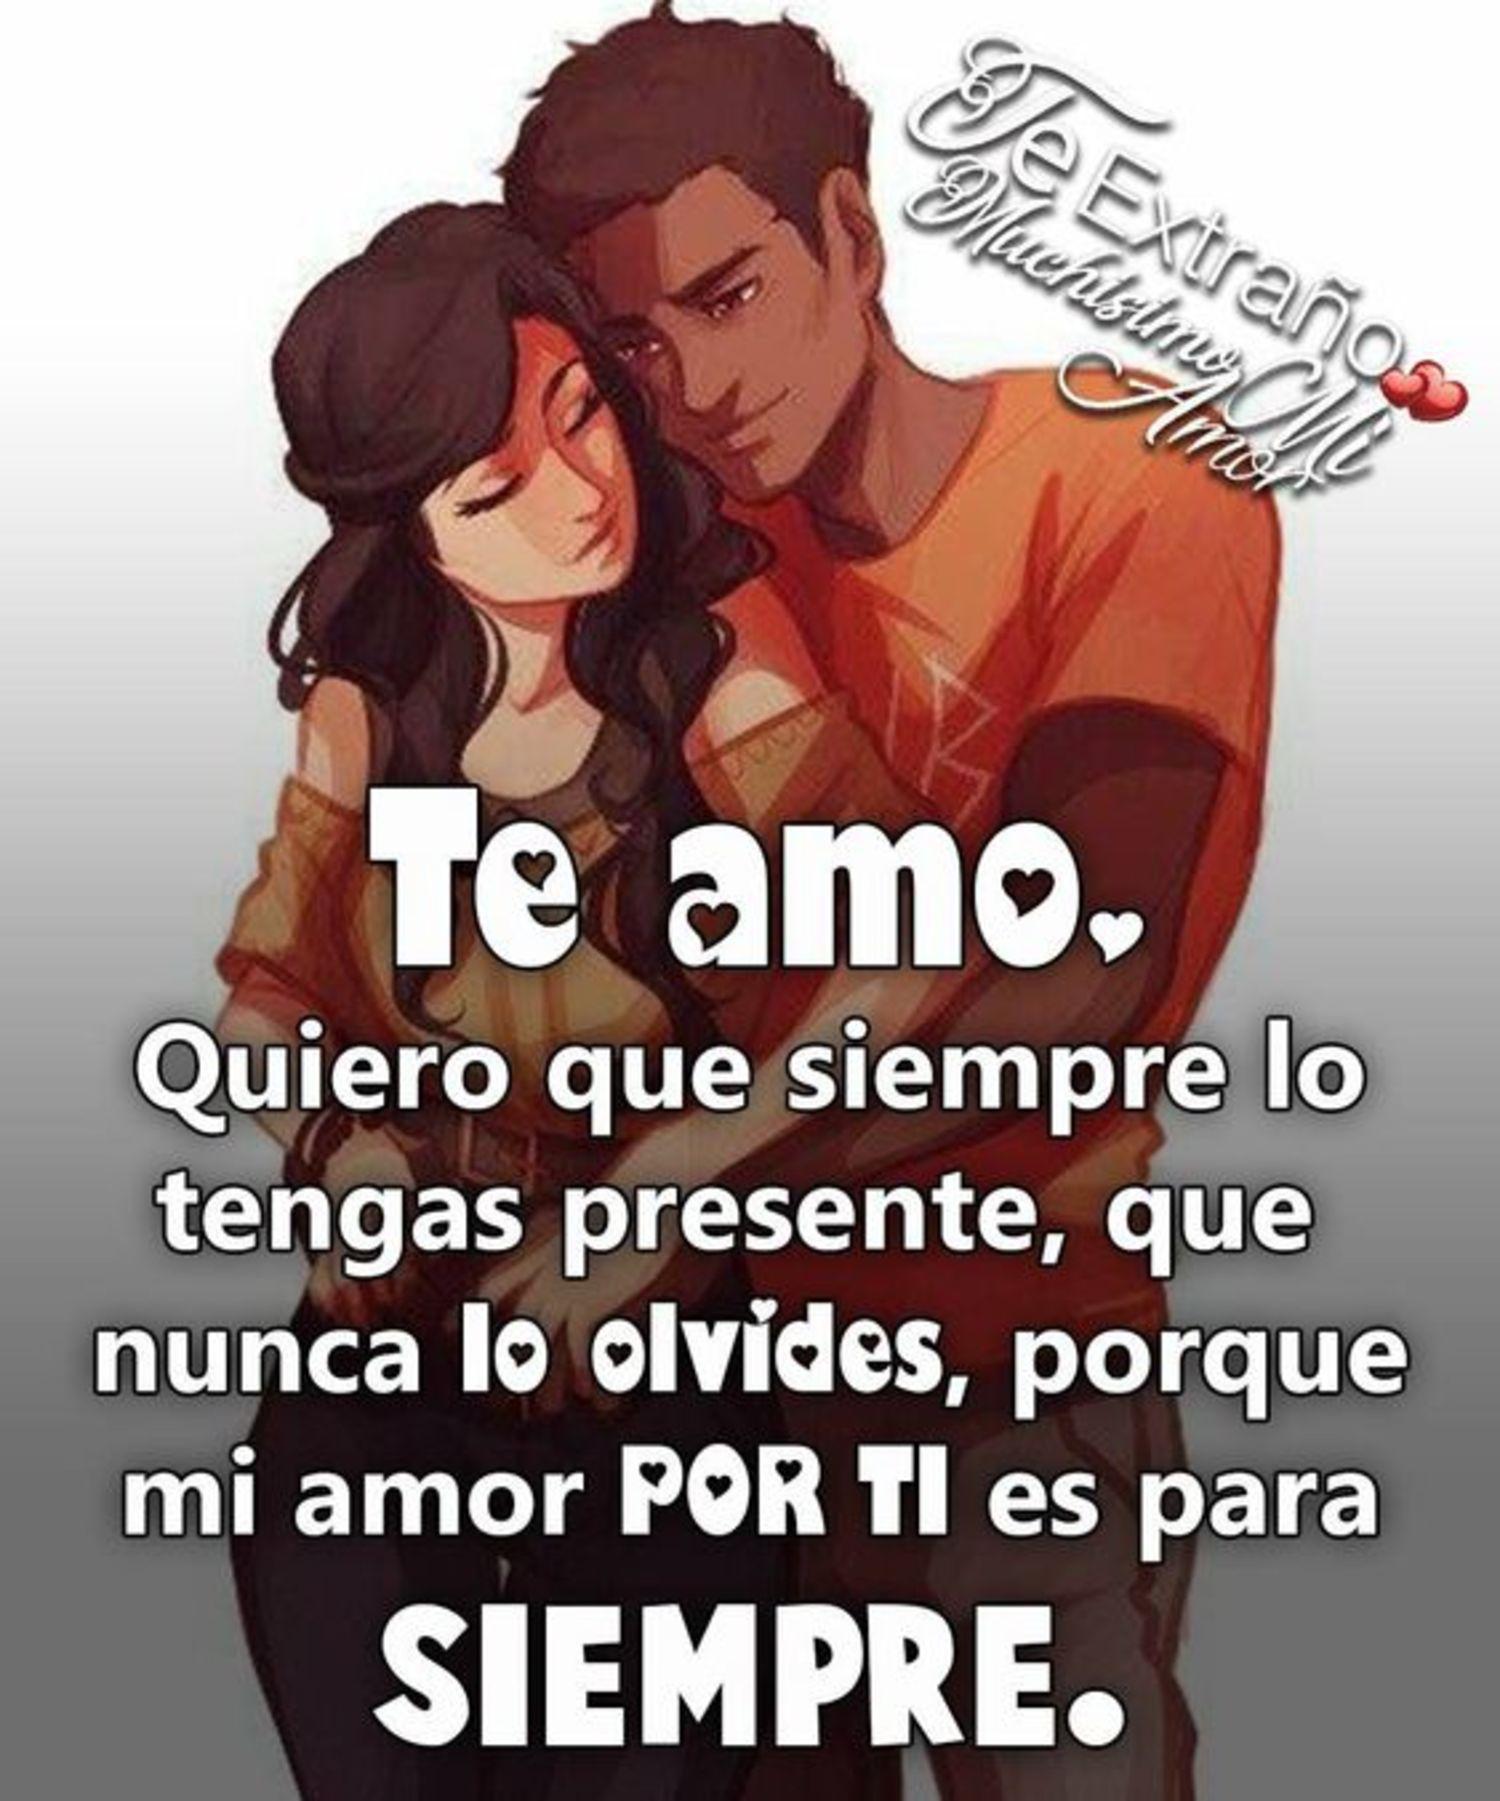 Te amo. Quiero que siempre lo tengas presente, que nunca lo olvides, porque mi amor por ti es para siempre.